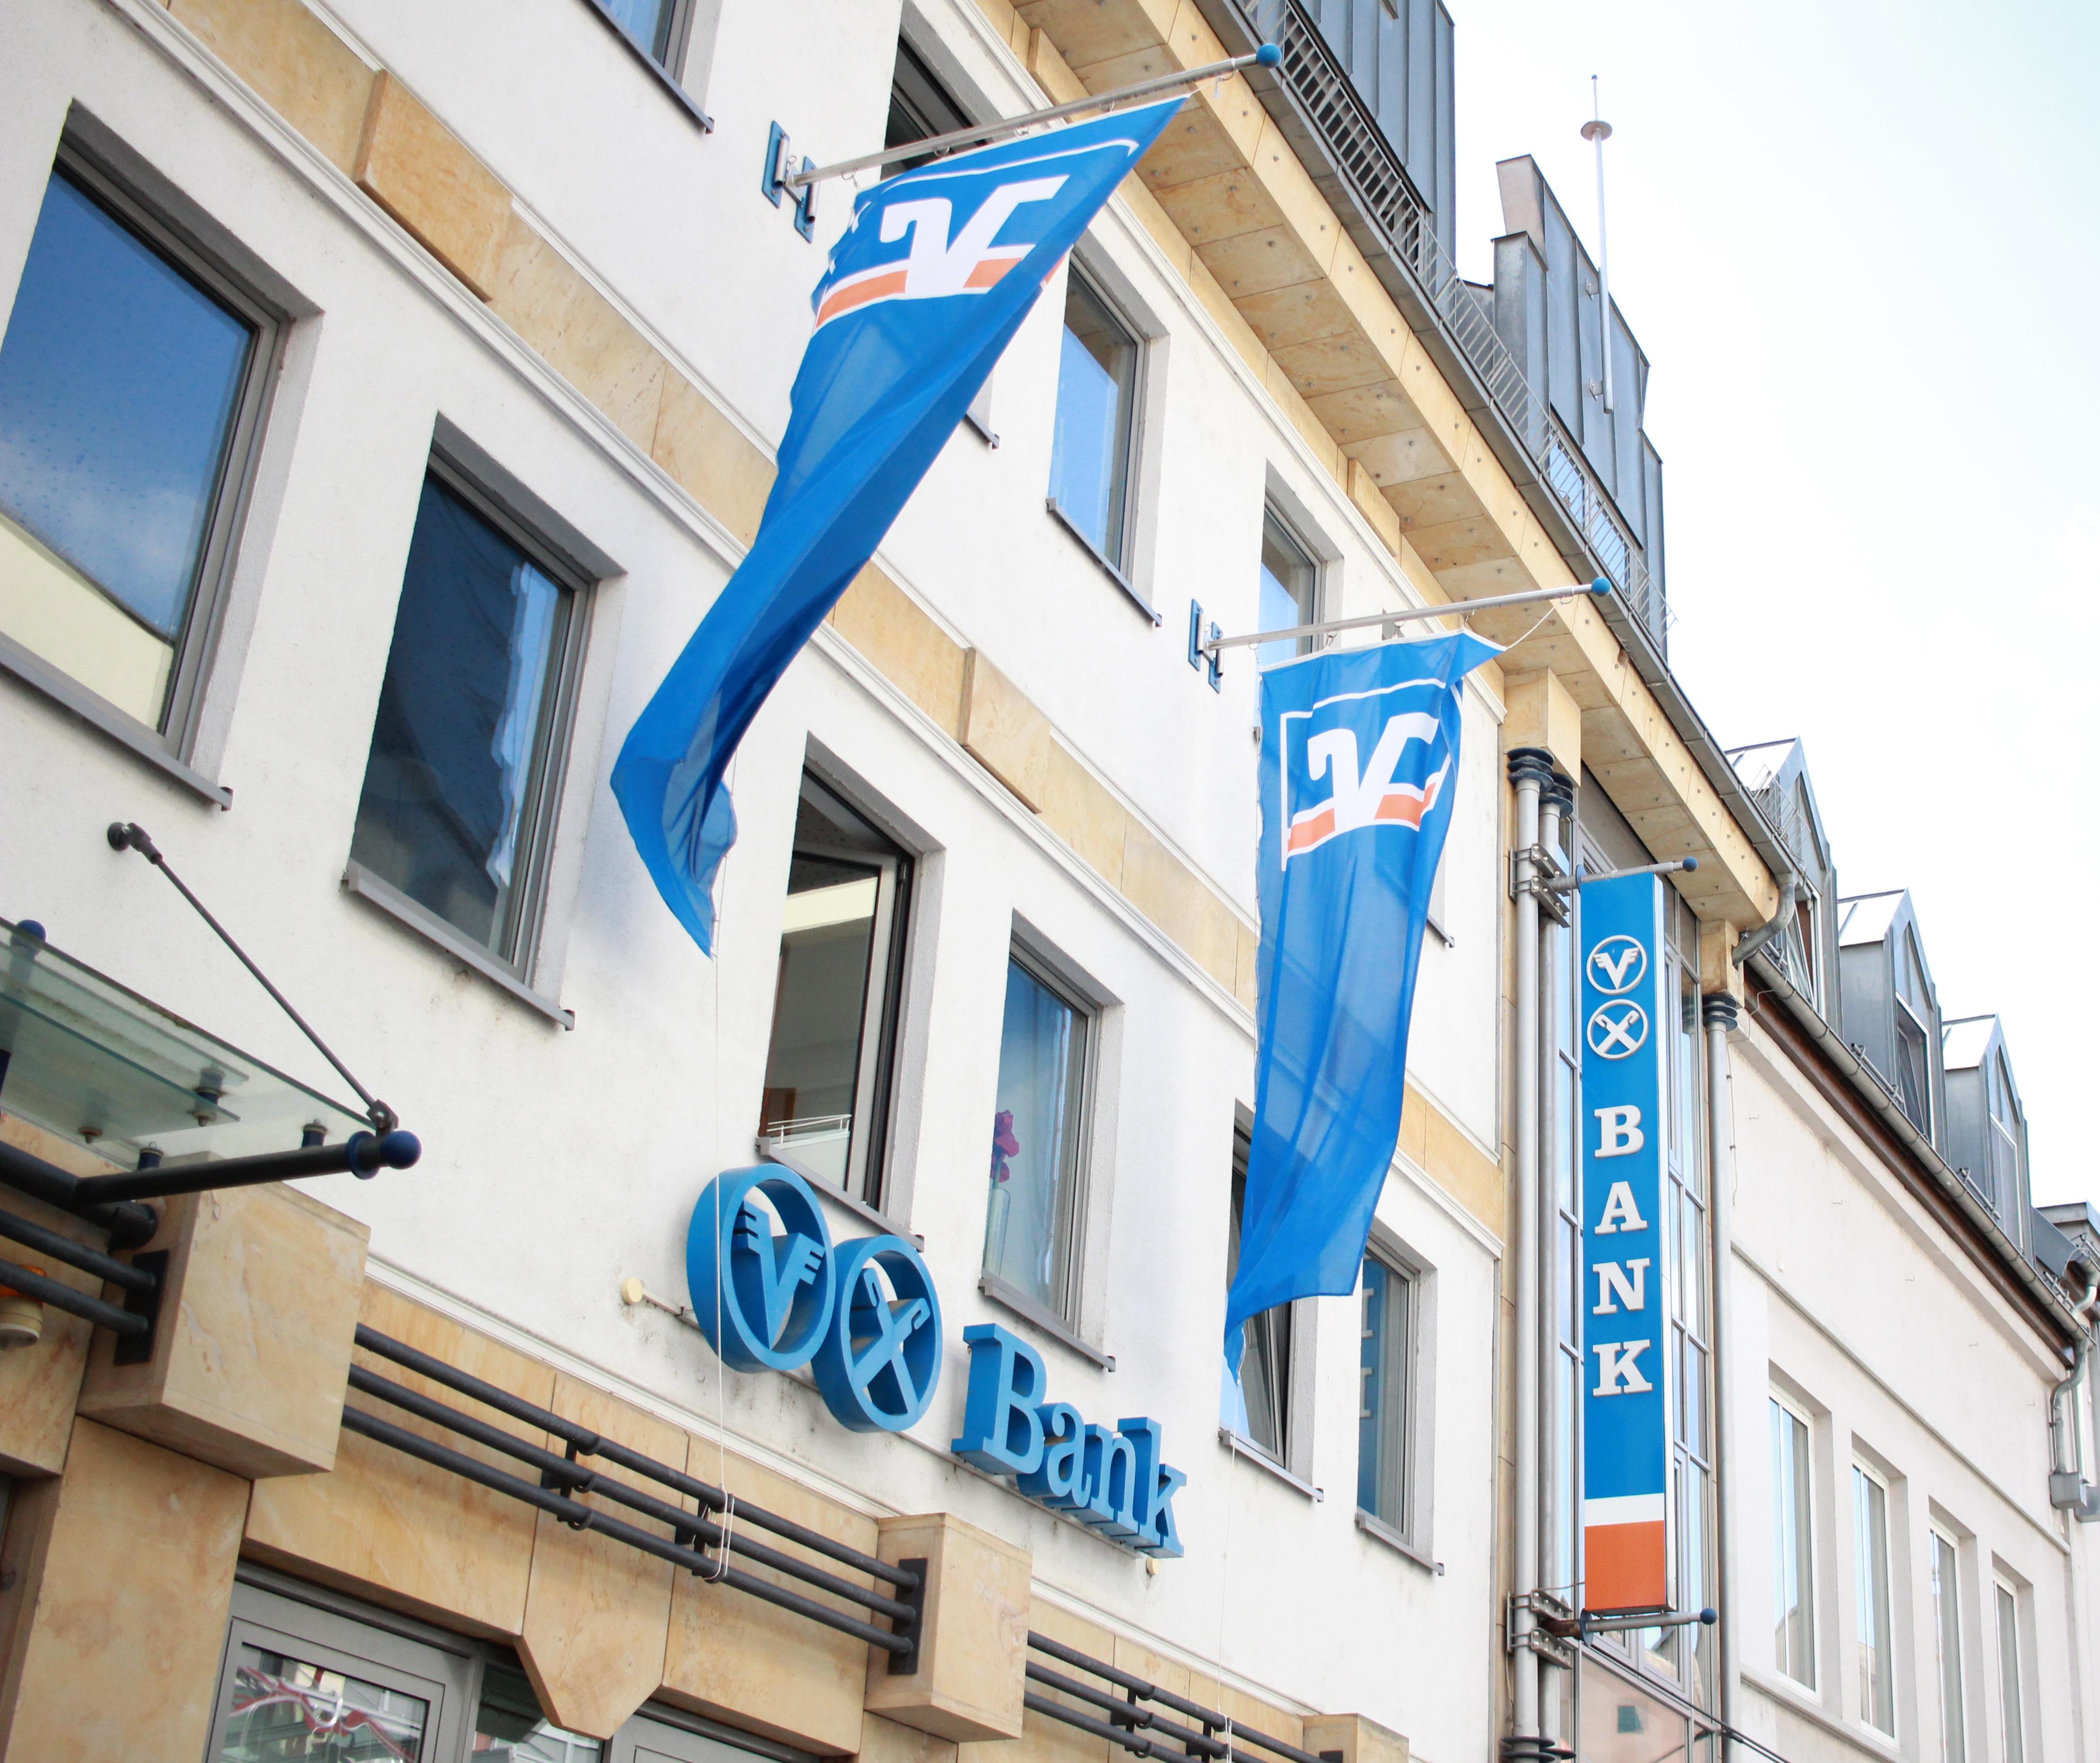 Volks- und Raiffeisenbank Saale-Unstrut Standort Merseburg